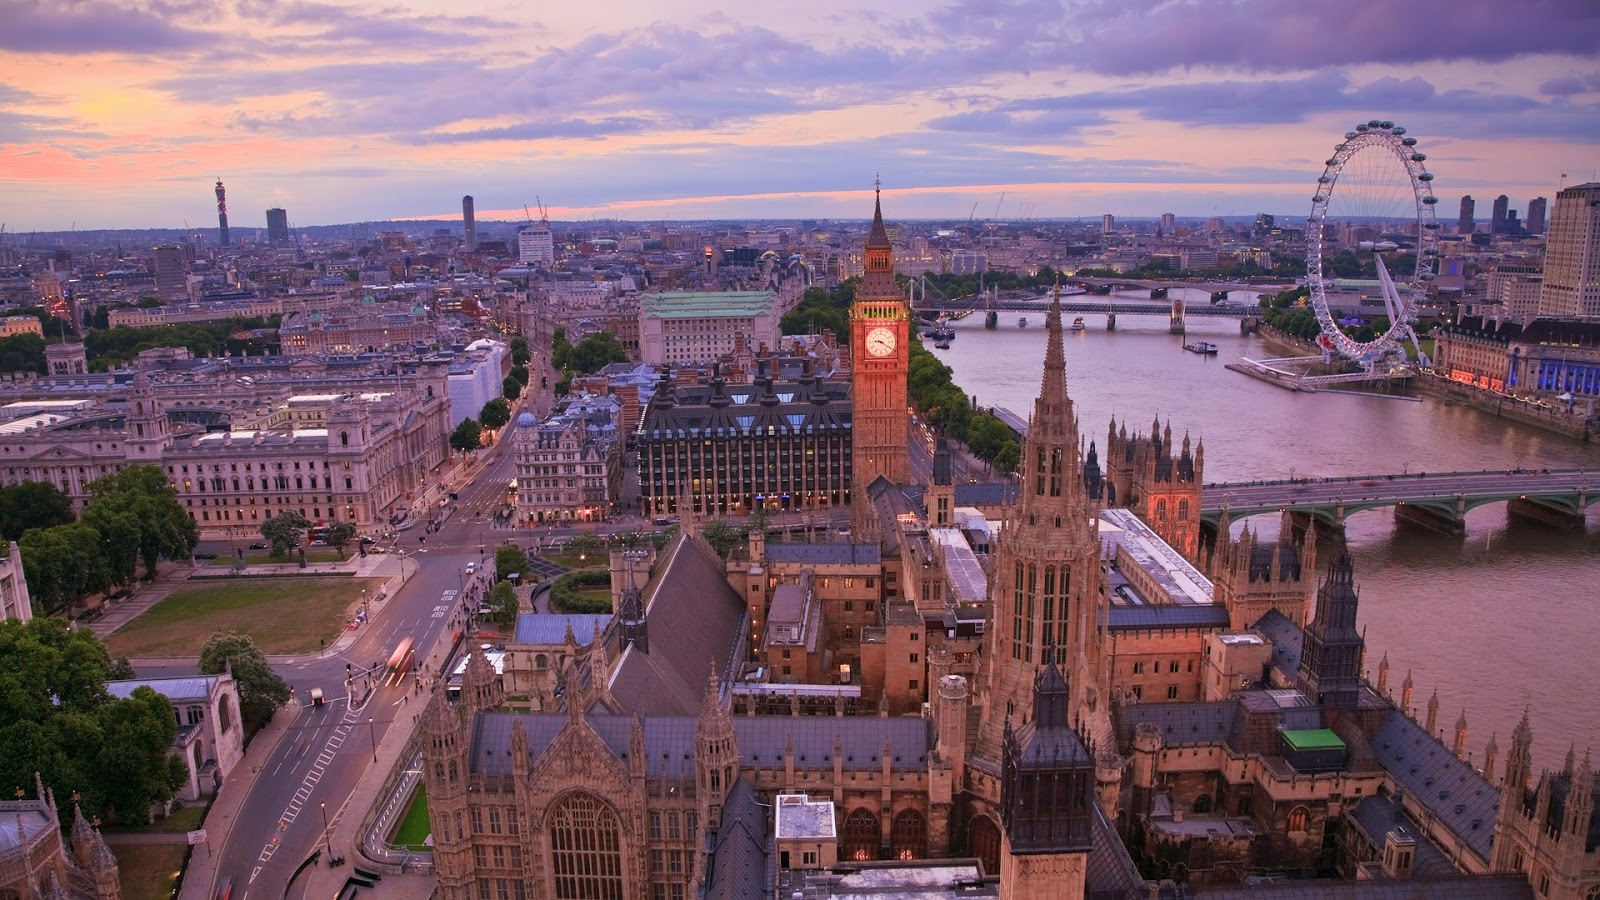 top 5 viagens, destino, viagem, viagens, trip, wanderlust, micaela ramos, inglaterra, england, london,